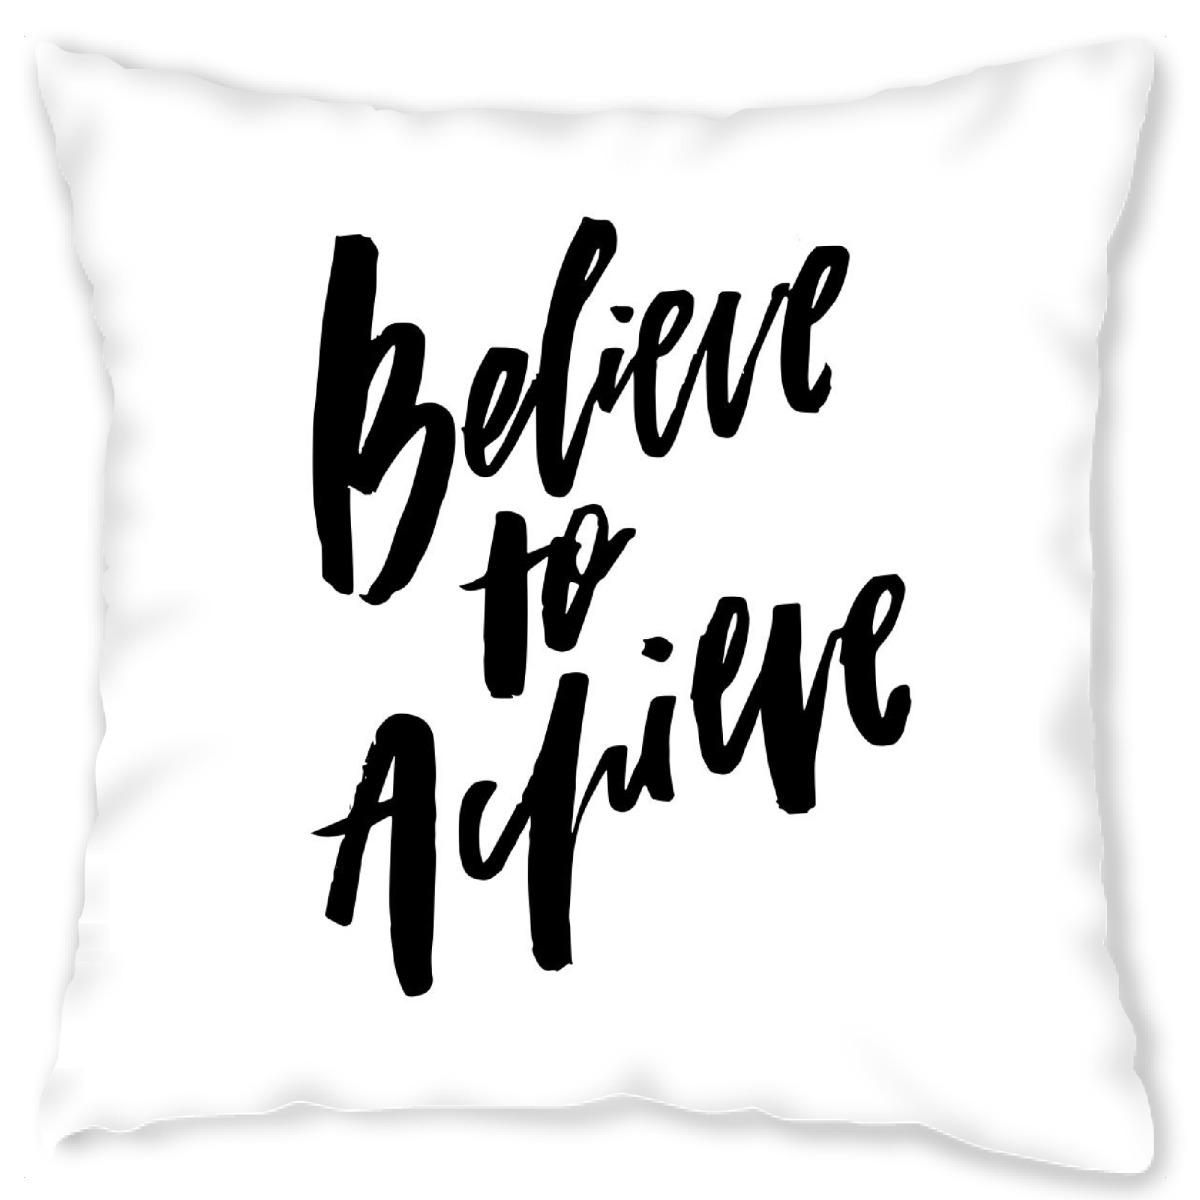 Believe To Achieve als Kissen bei artboxONE kaufen